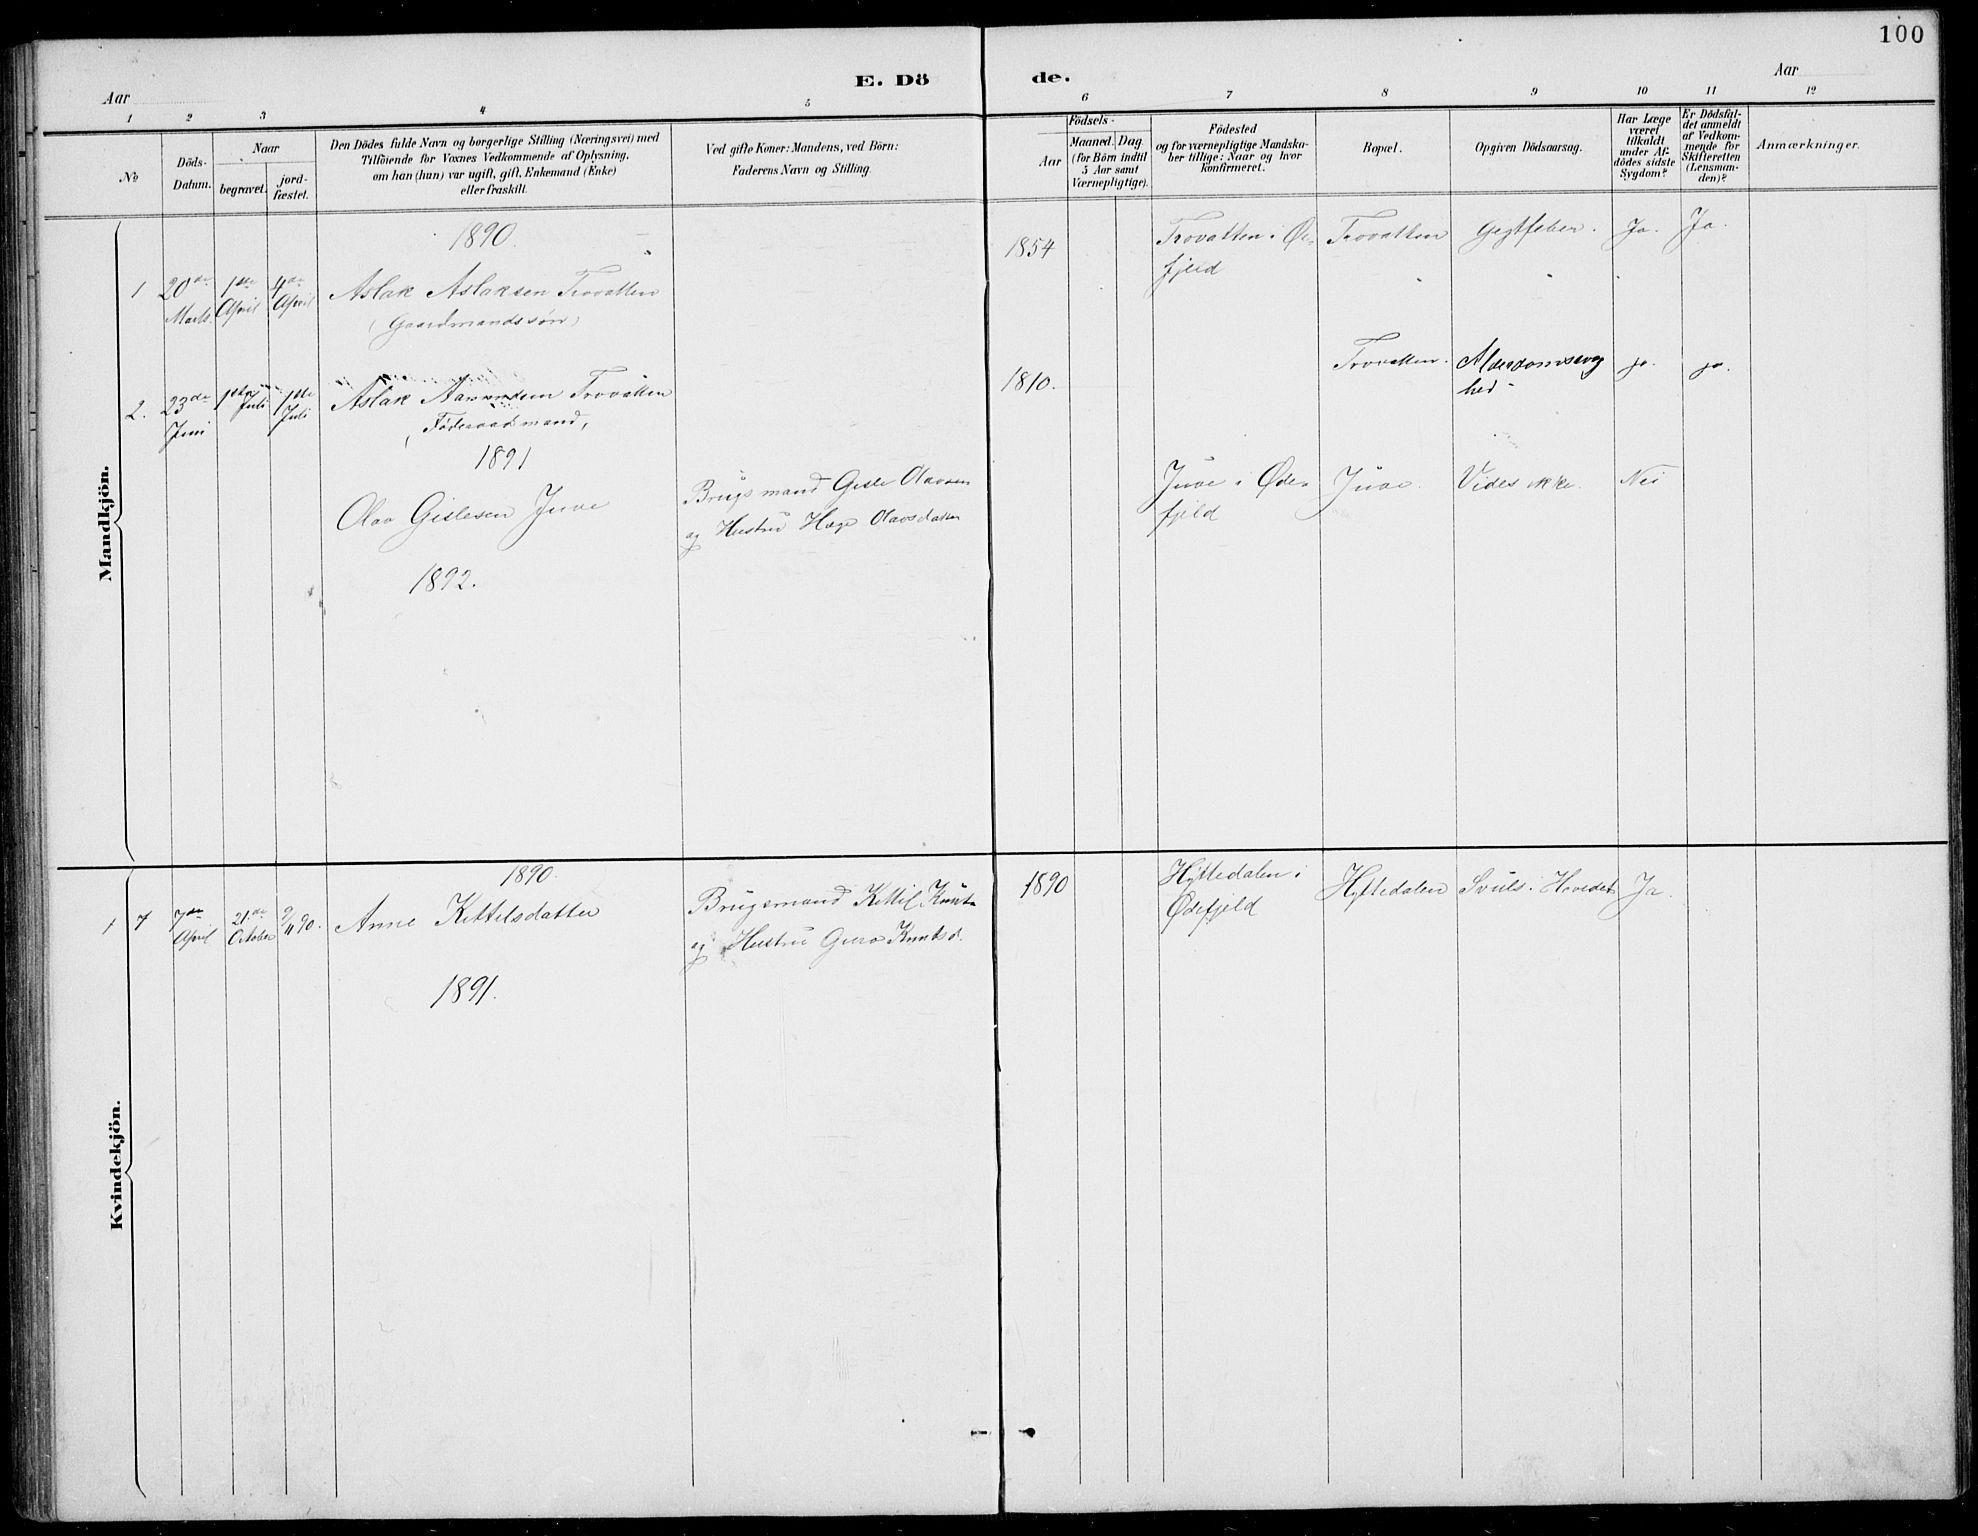 SAKO, Rauland kirkebøker, G/Gb/L0002: Klokkerbok nr. II 2, 1887-1937, s. 100